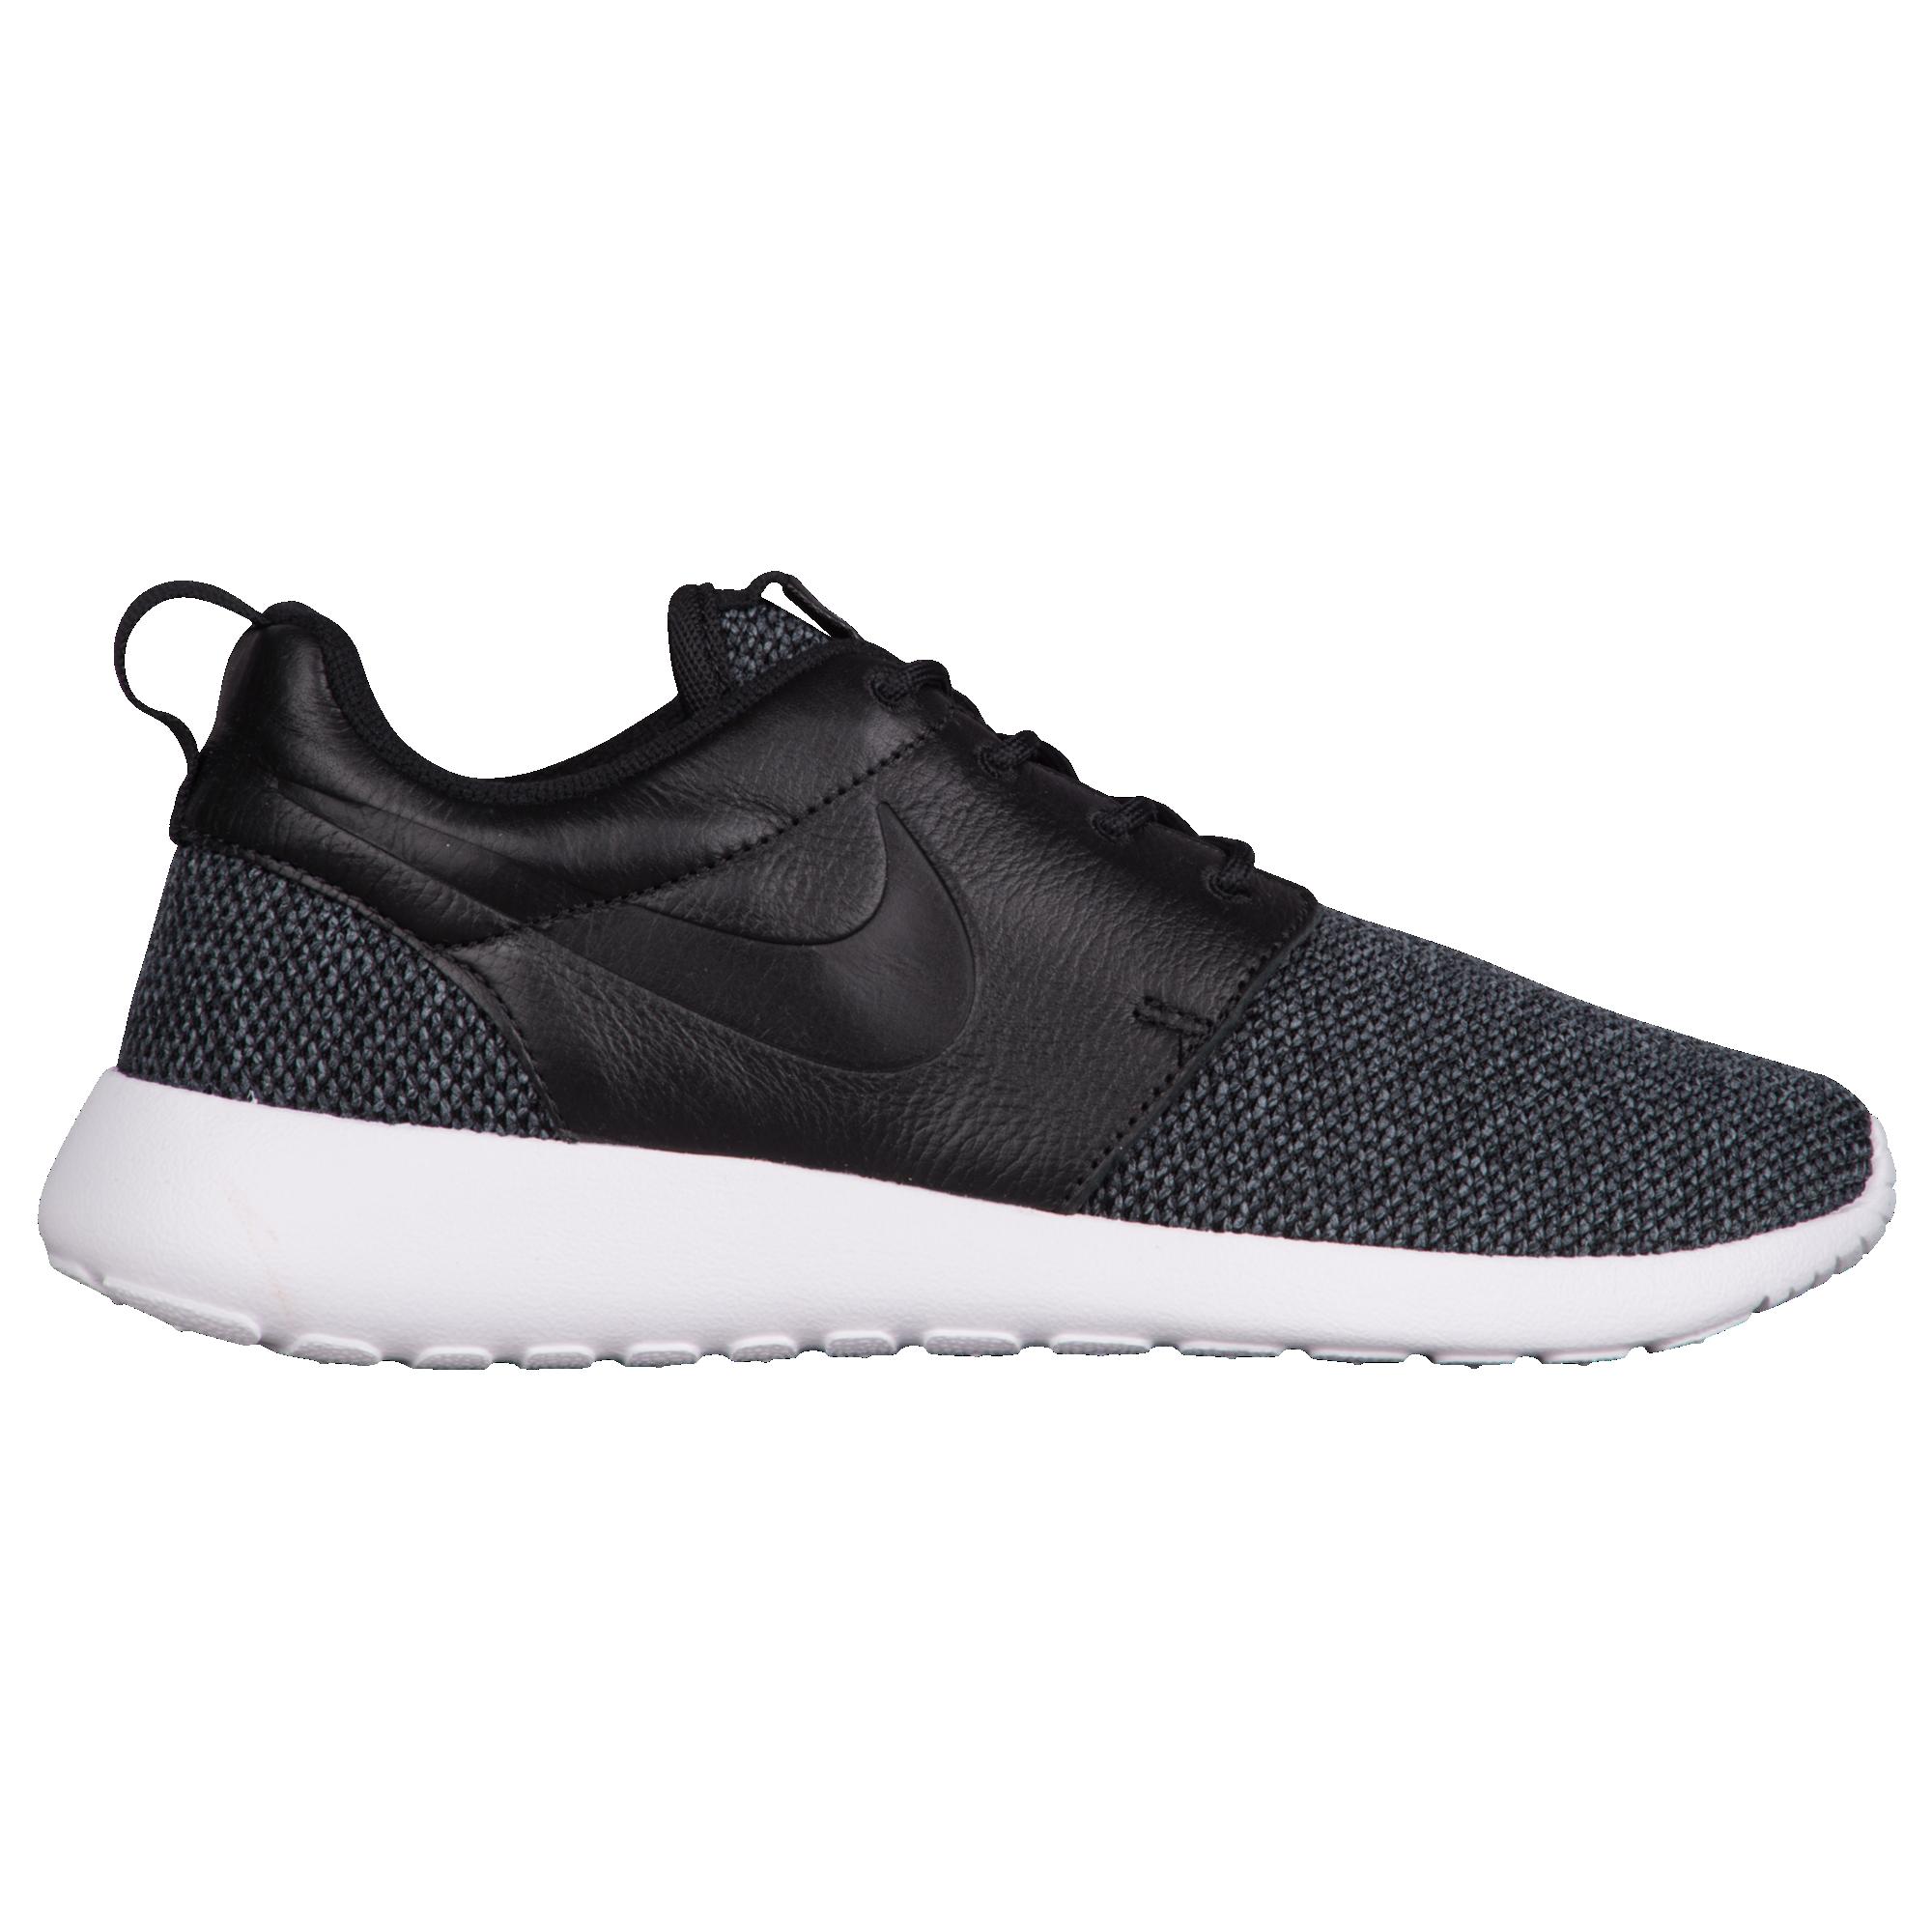 new arrival a7b39 e5750 Nike Roshe One - Women's | Want | Sneakers nike, Nike, Nike ...